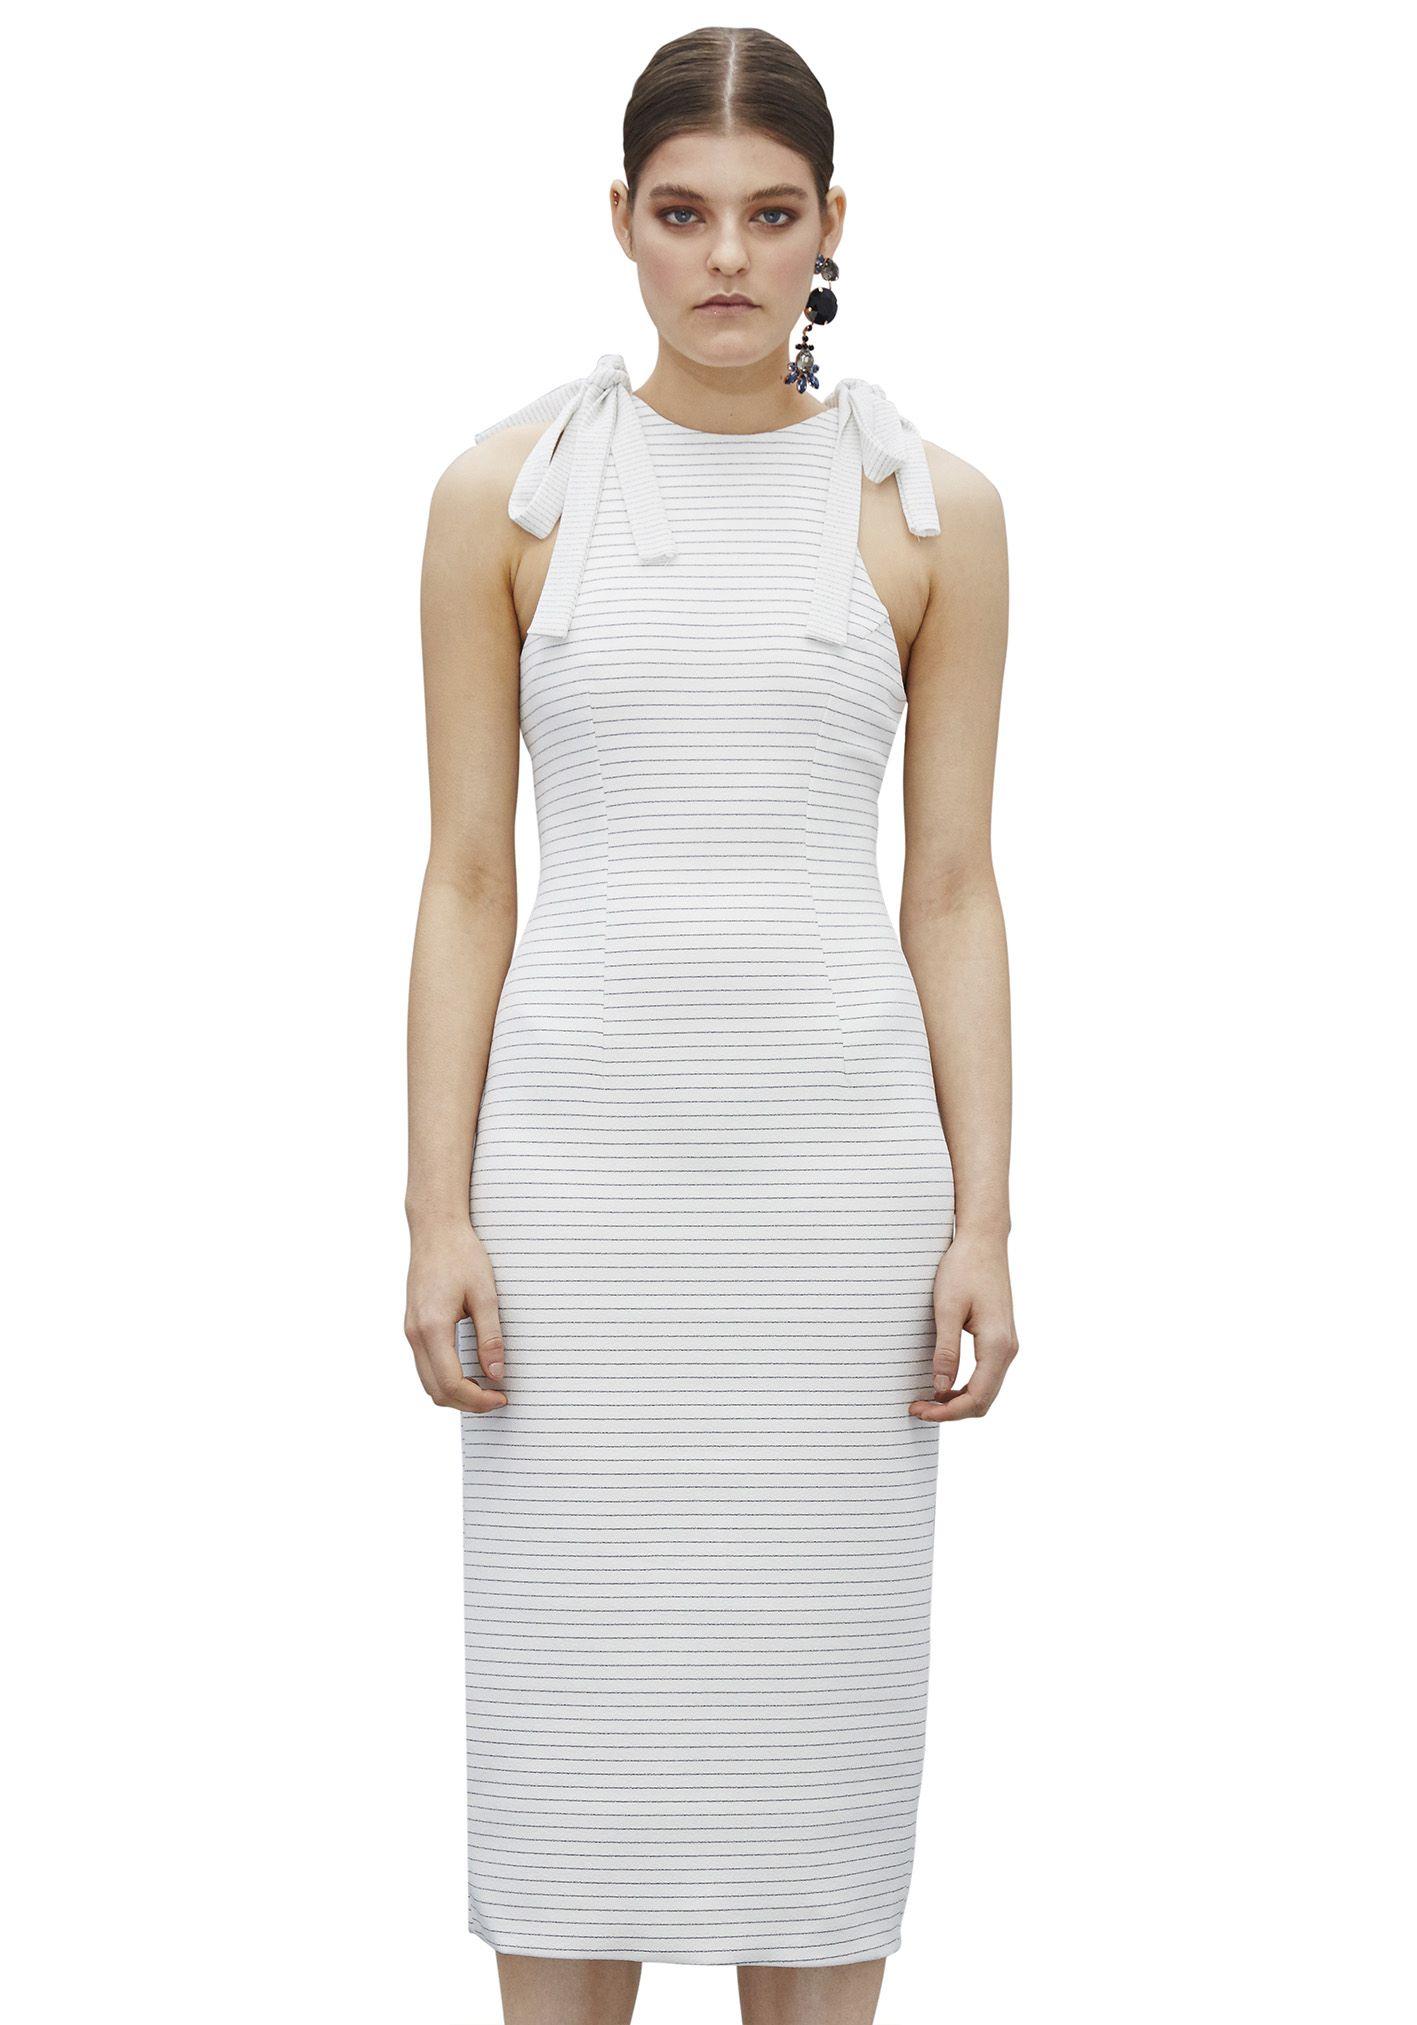 BY JOHNNY  - Ilona Tie Top Tunic Dress